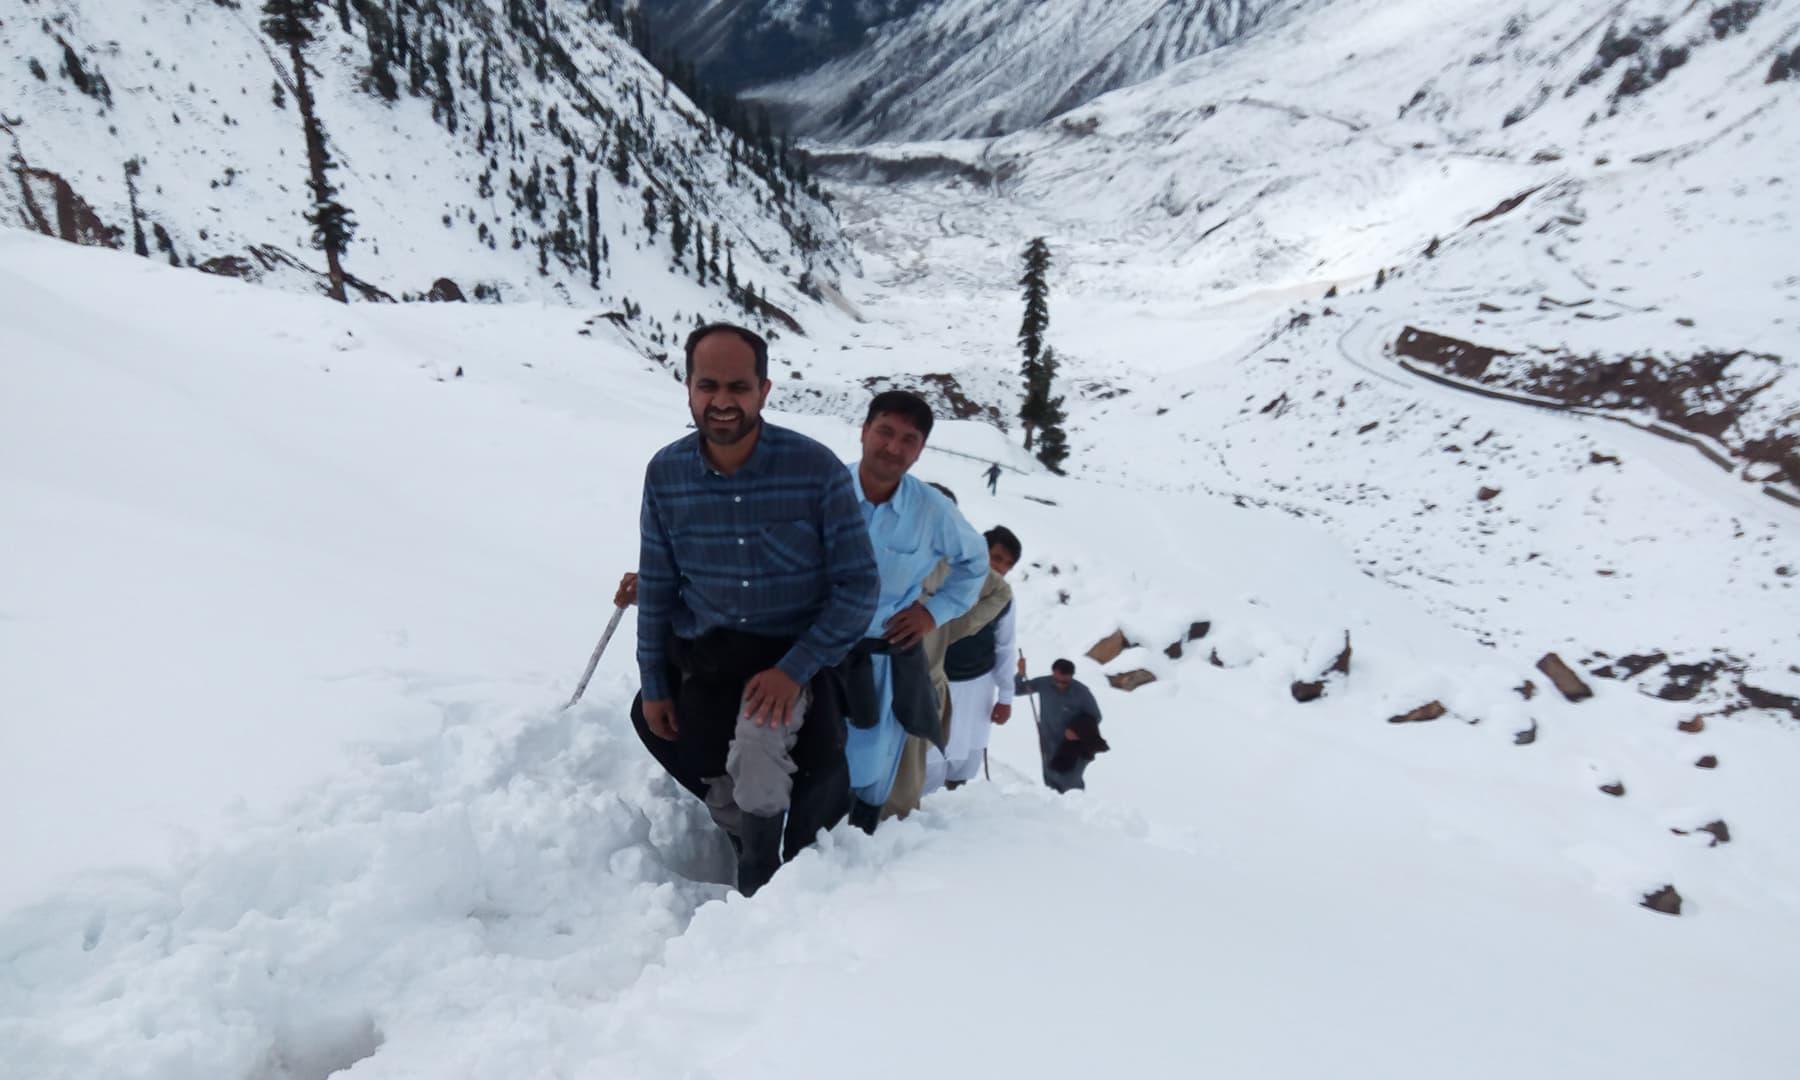 عمودی چڑھائی چڑھتے ہوئے کافی سیاح ہمت ہار جاتے ہیں اور واپس لوٹ جاتے ہیں—تصویر عامر